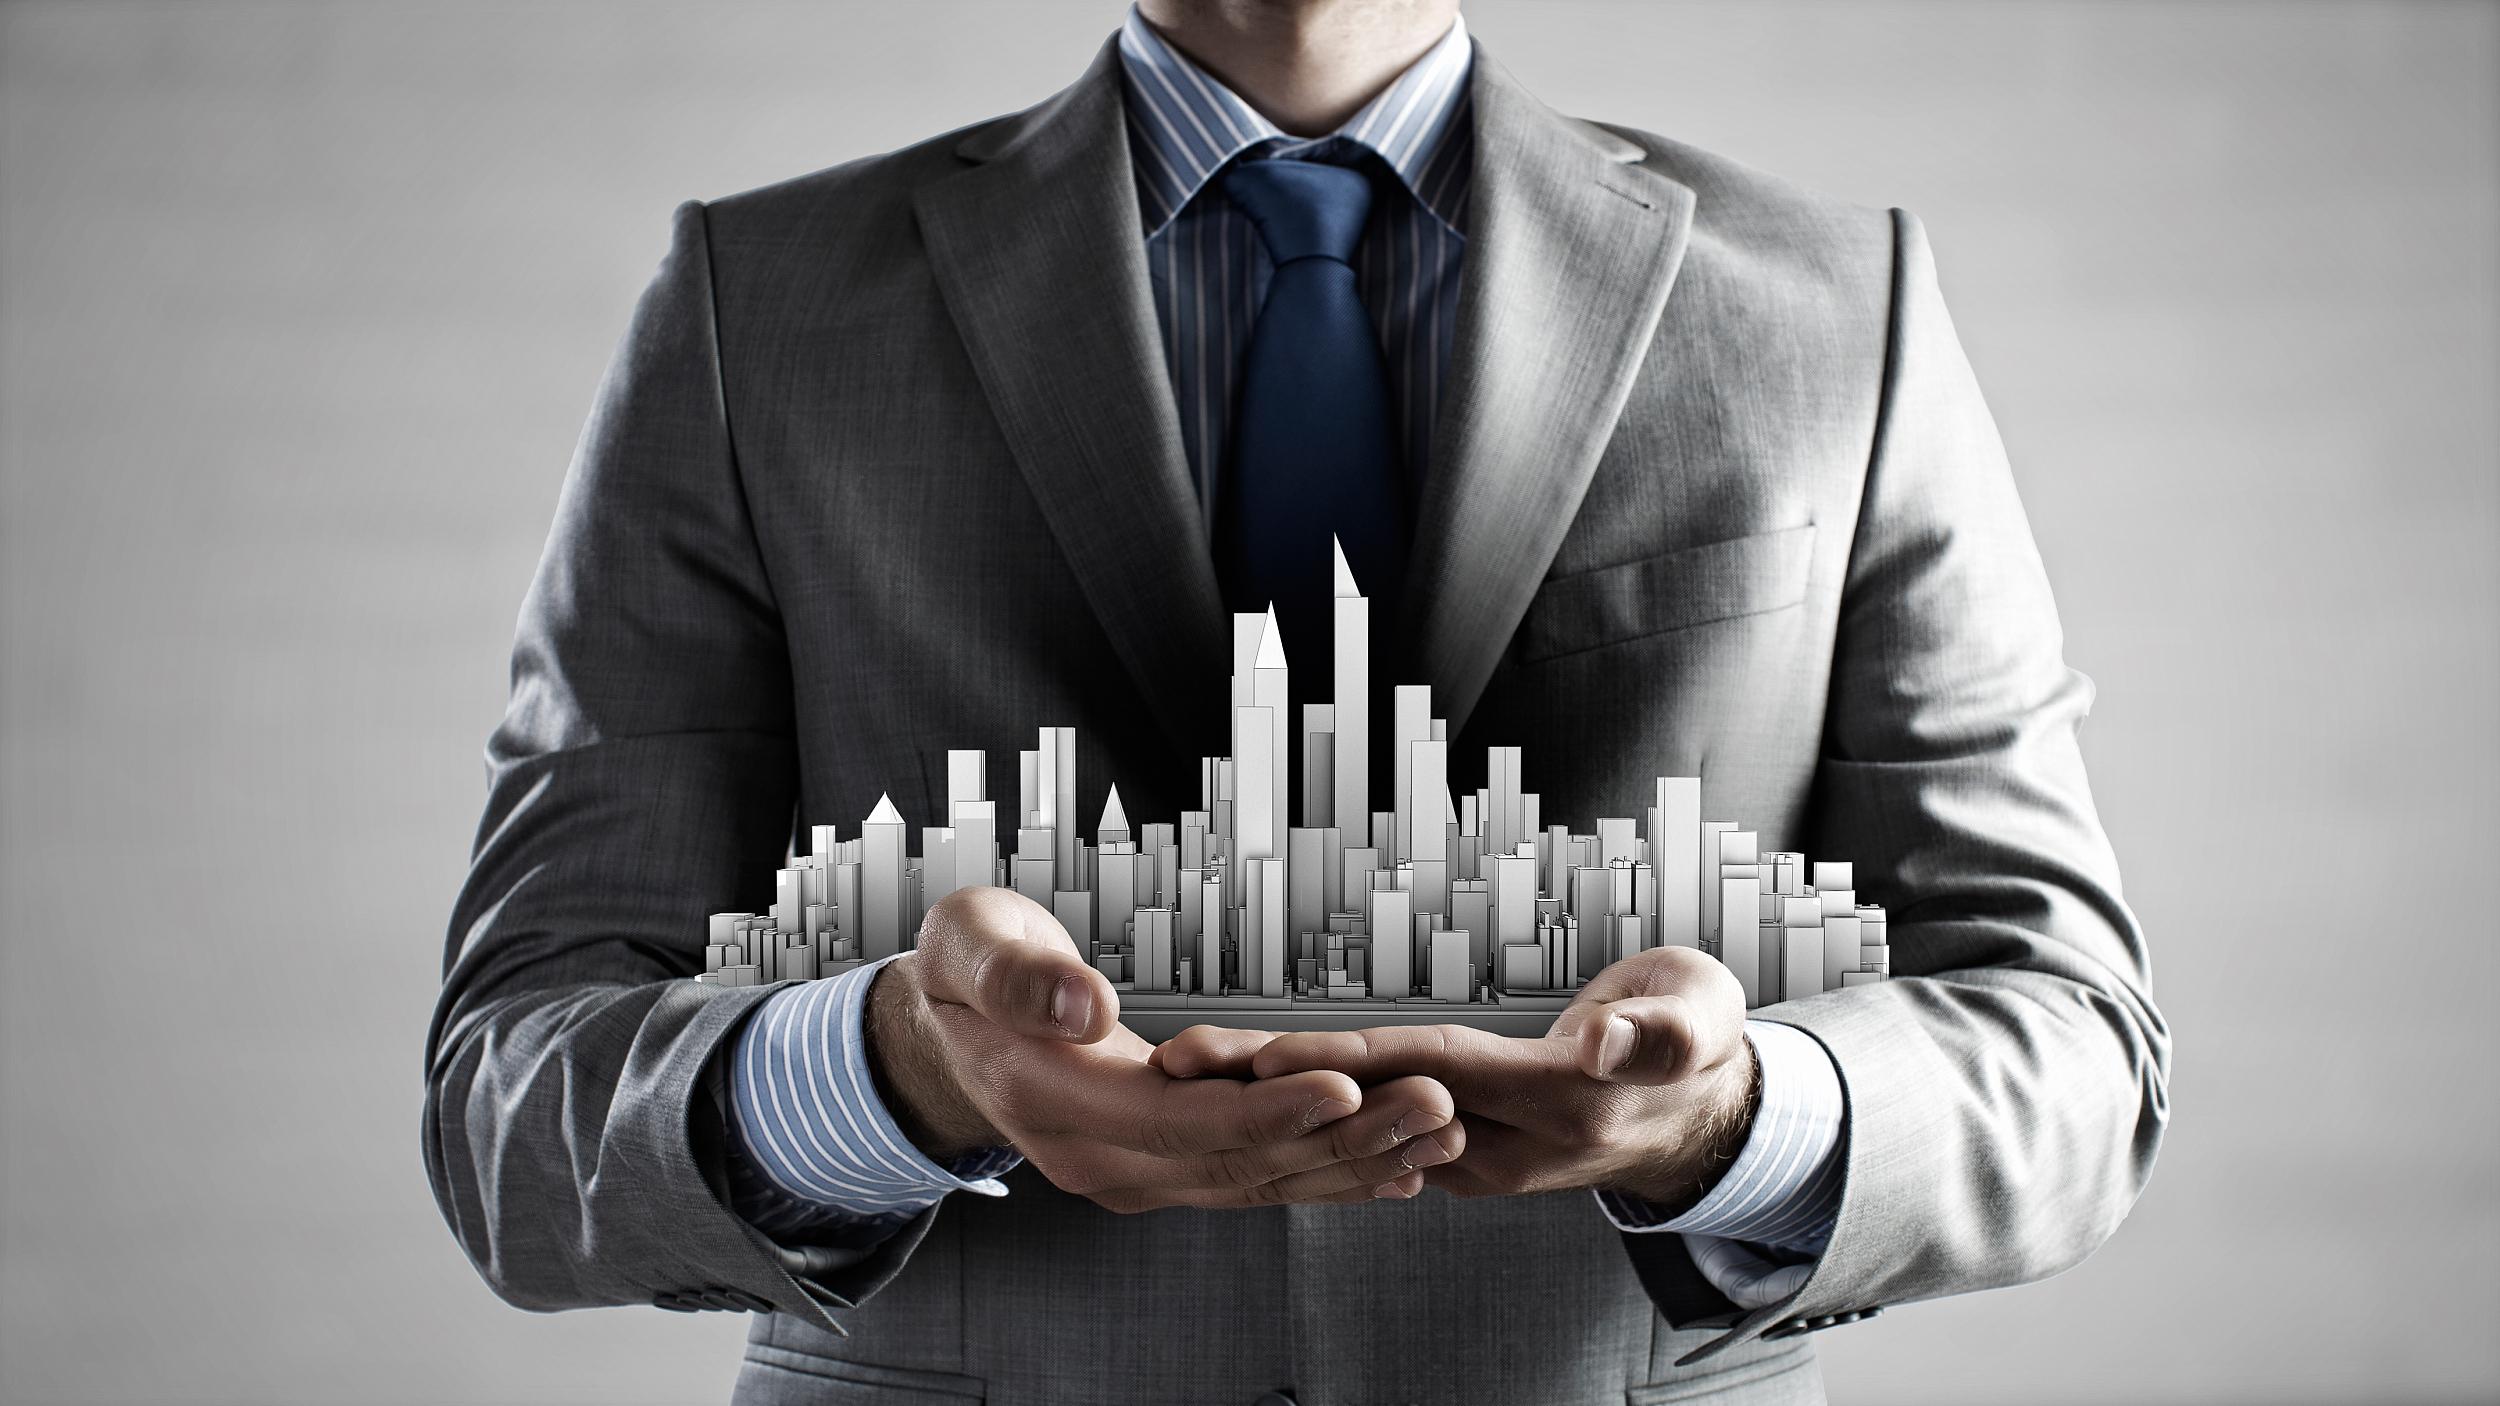 住建部:房地产调控将保持政策连续性和稳定性